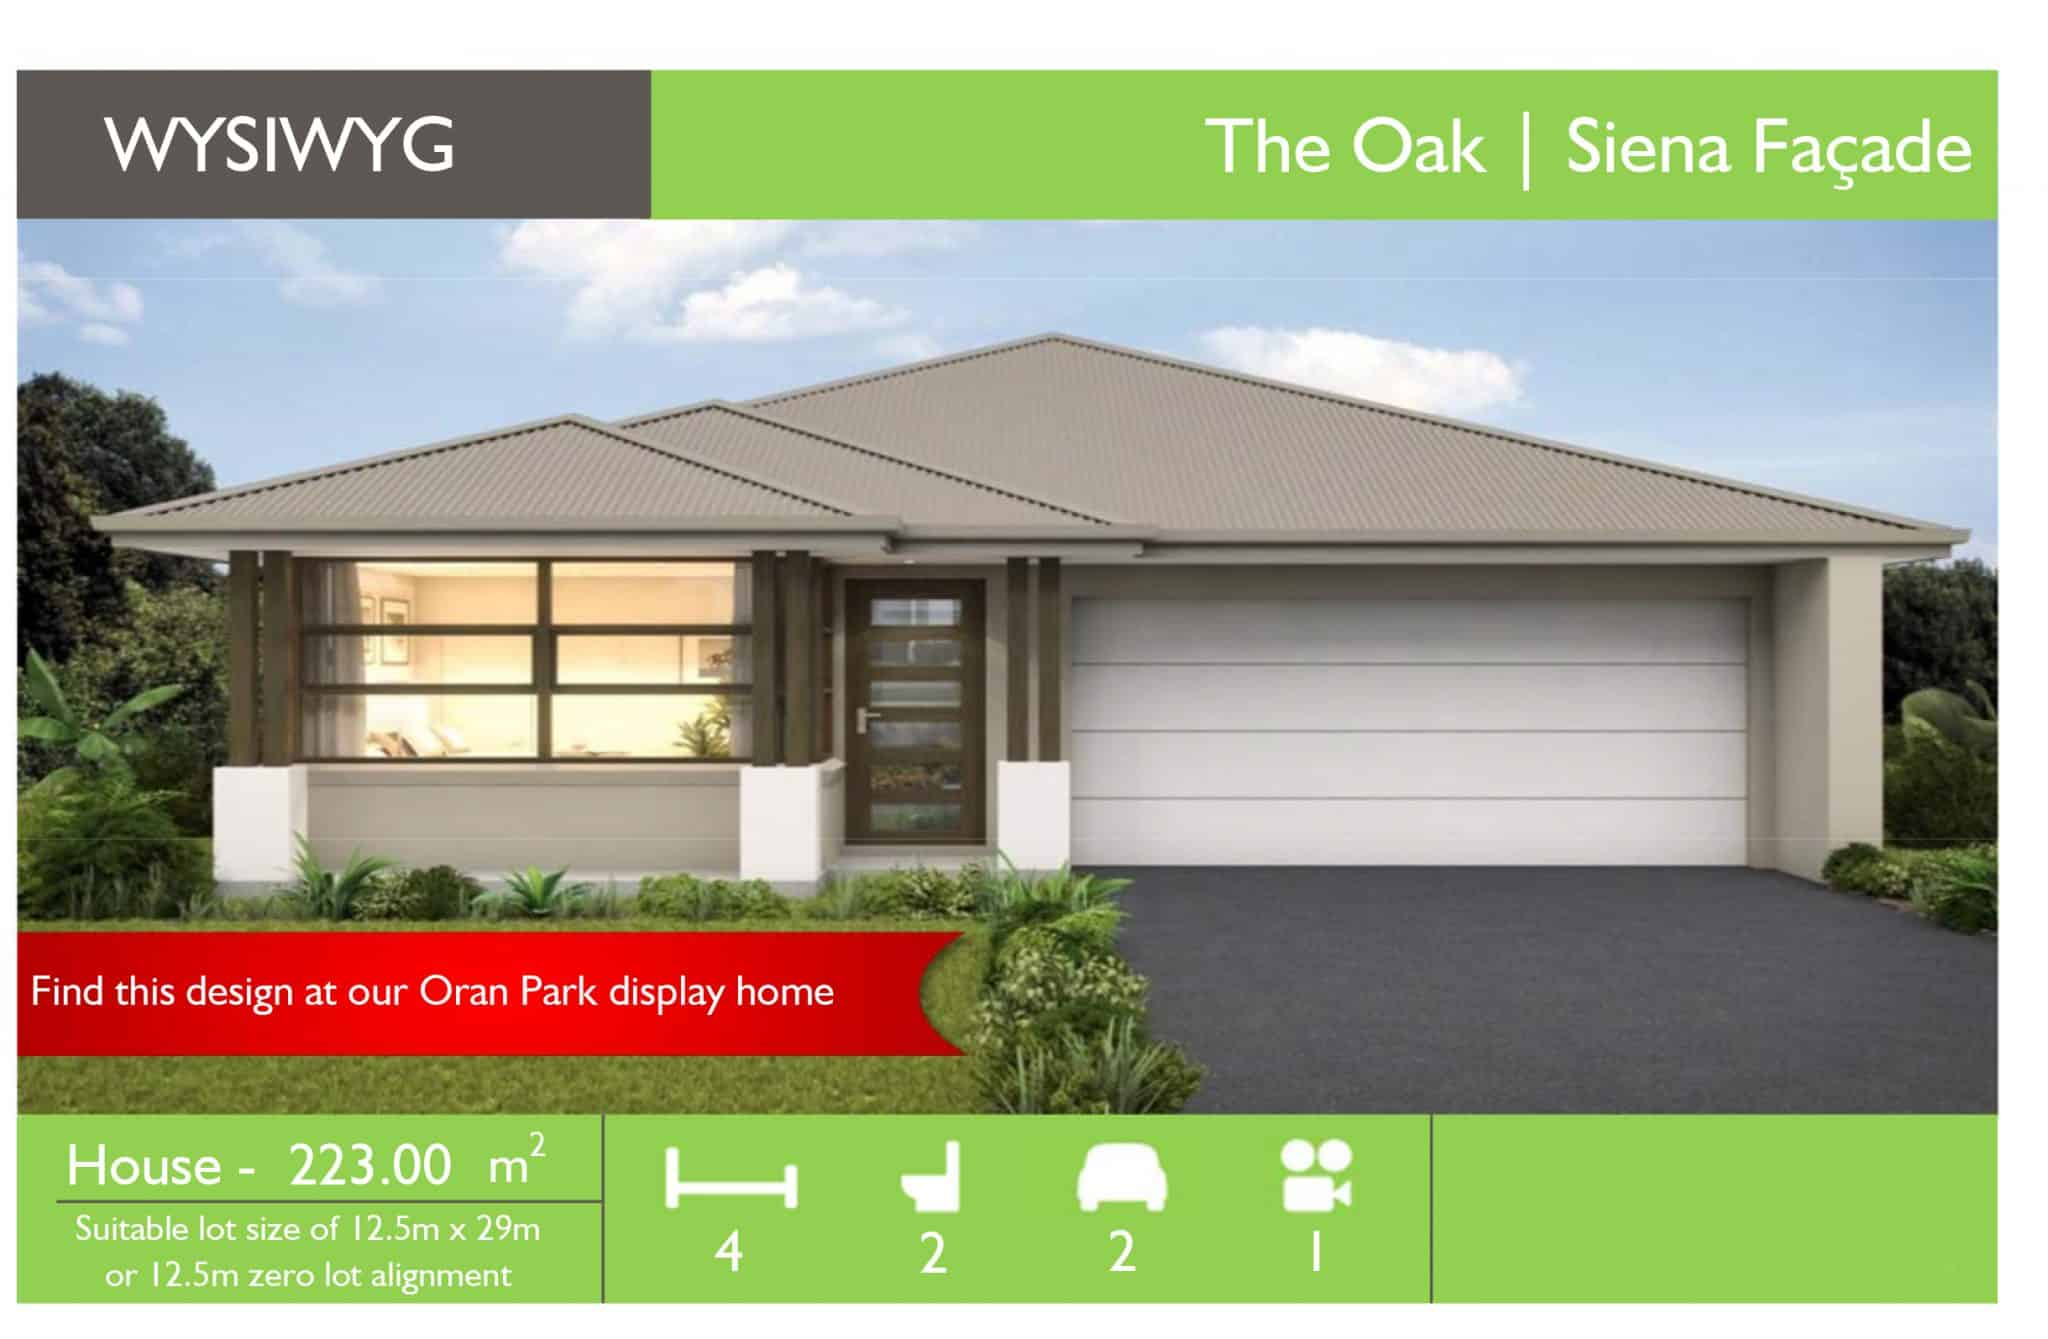 WYSIWYG Oran Park - The Oak Siena - Sydney Quick Qoute.xlsm